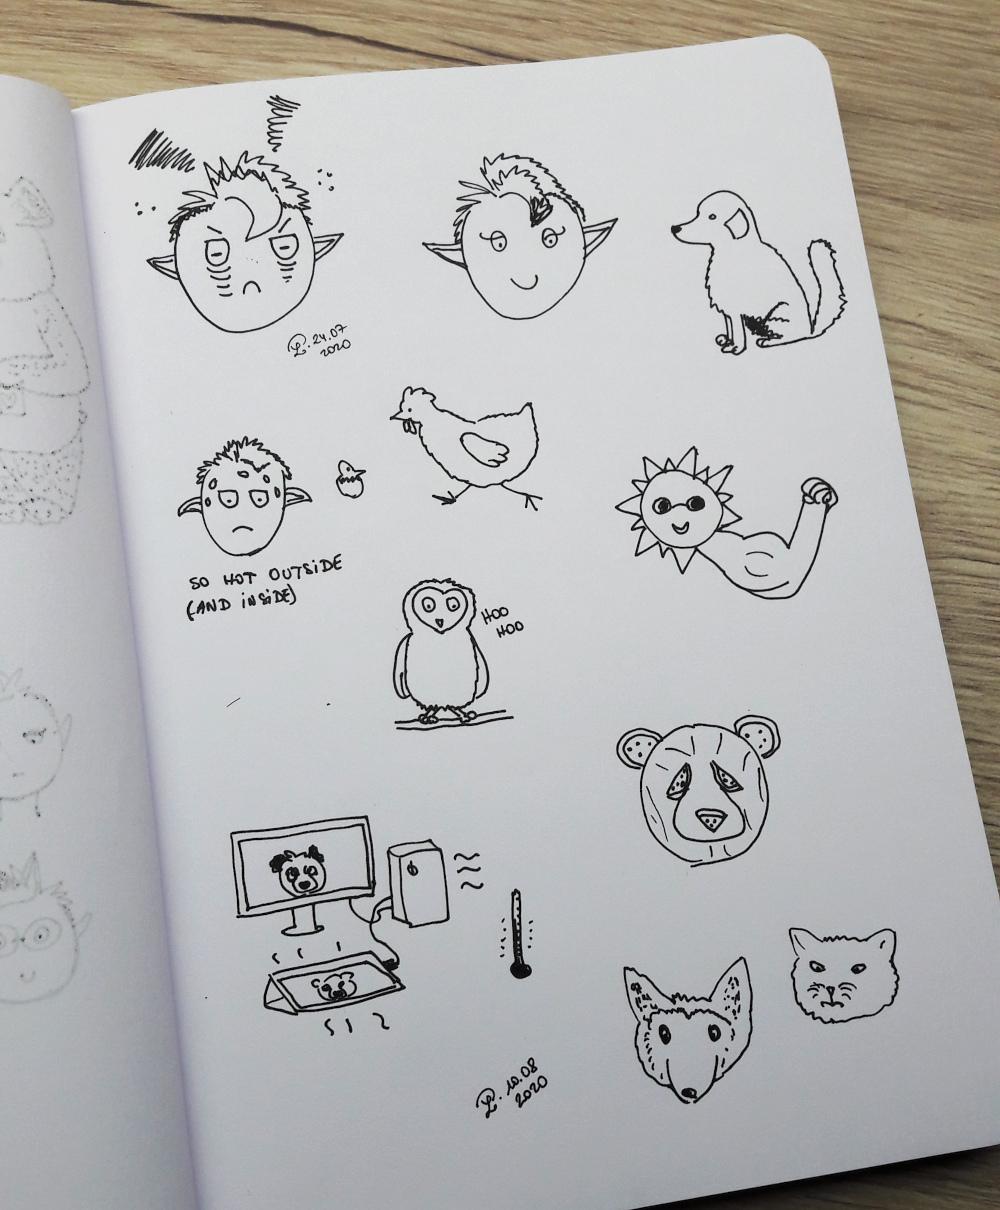 croquis d'animaux au stylo à encre sur un carnet aux pages blanches